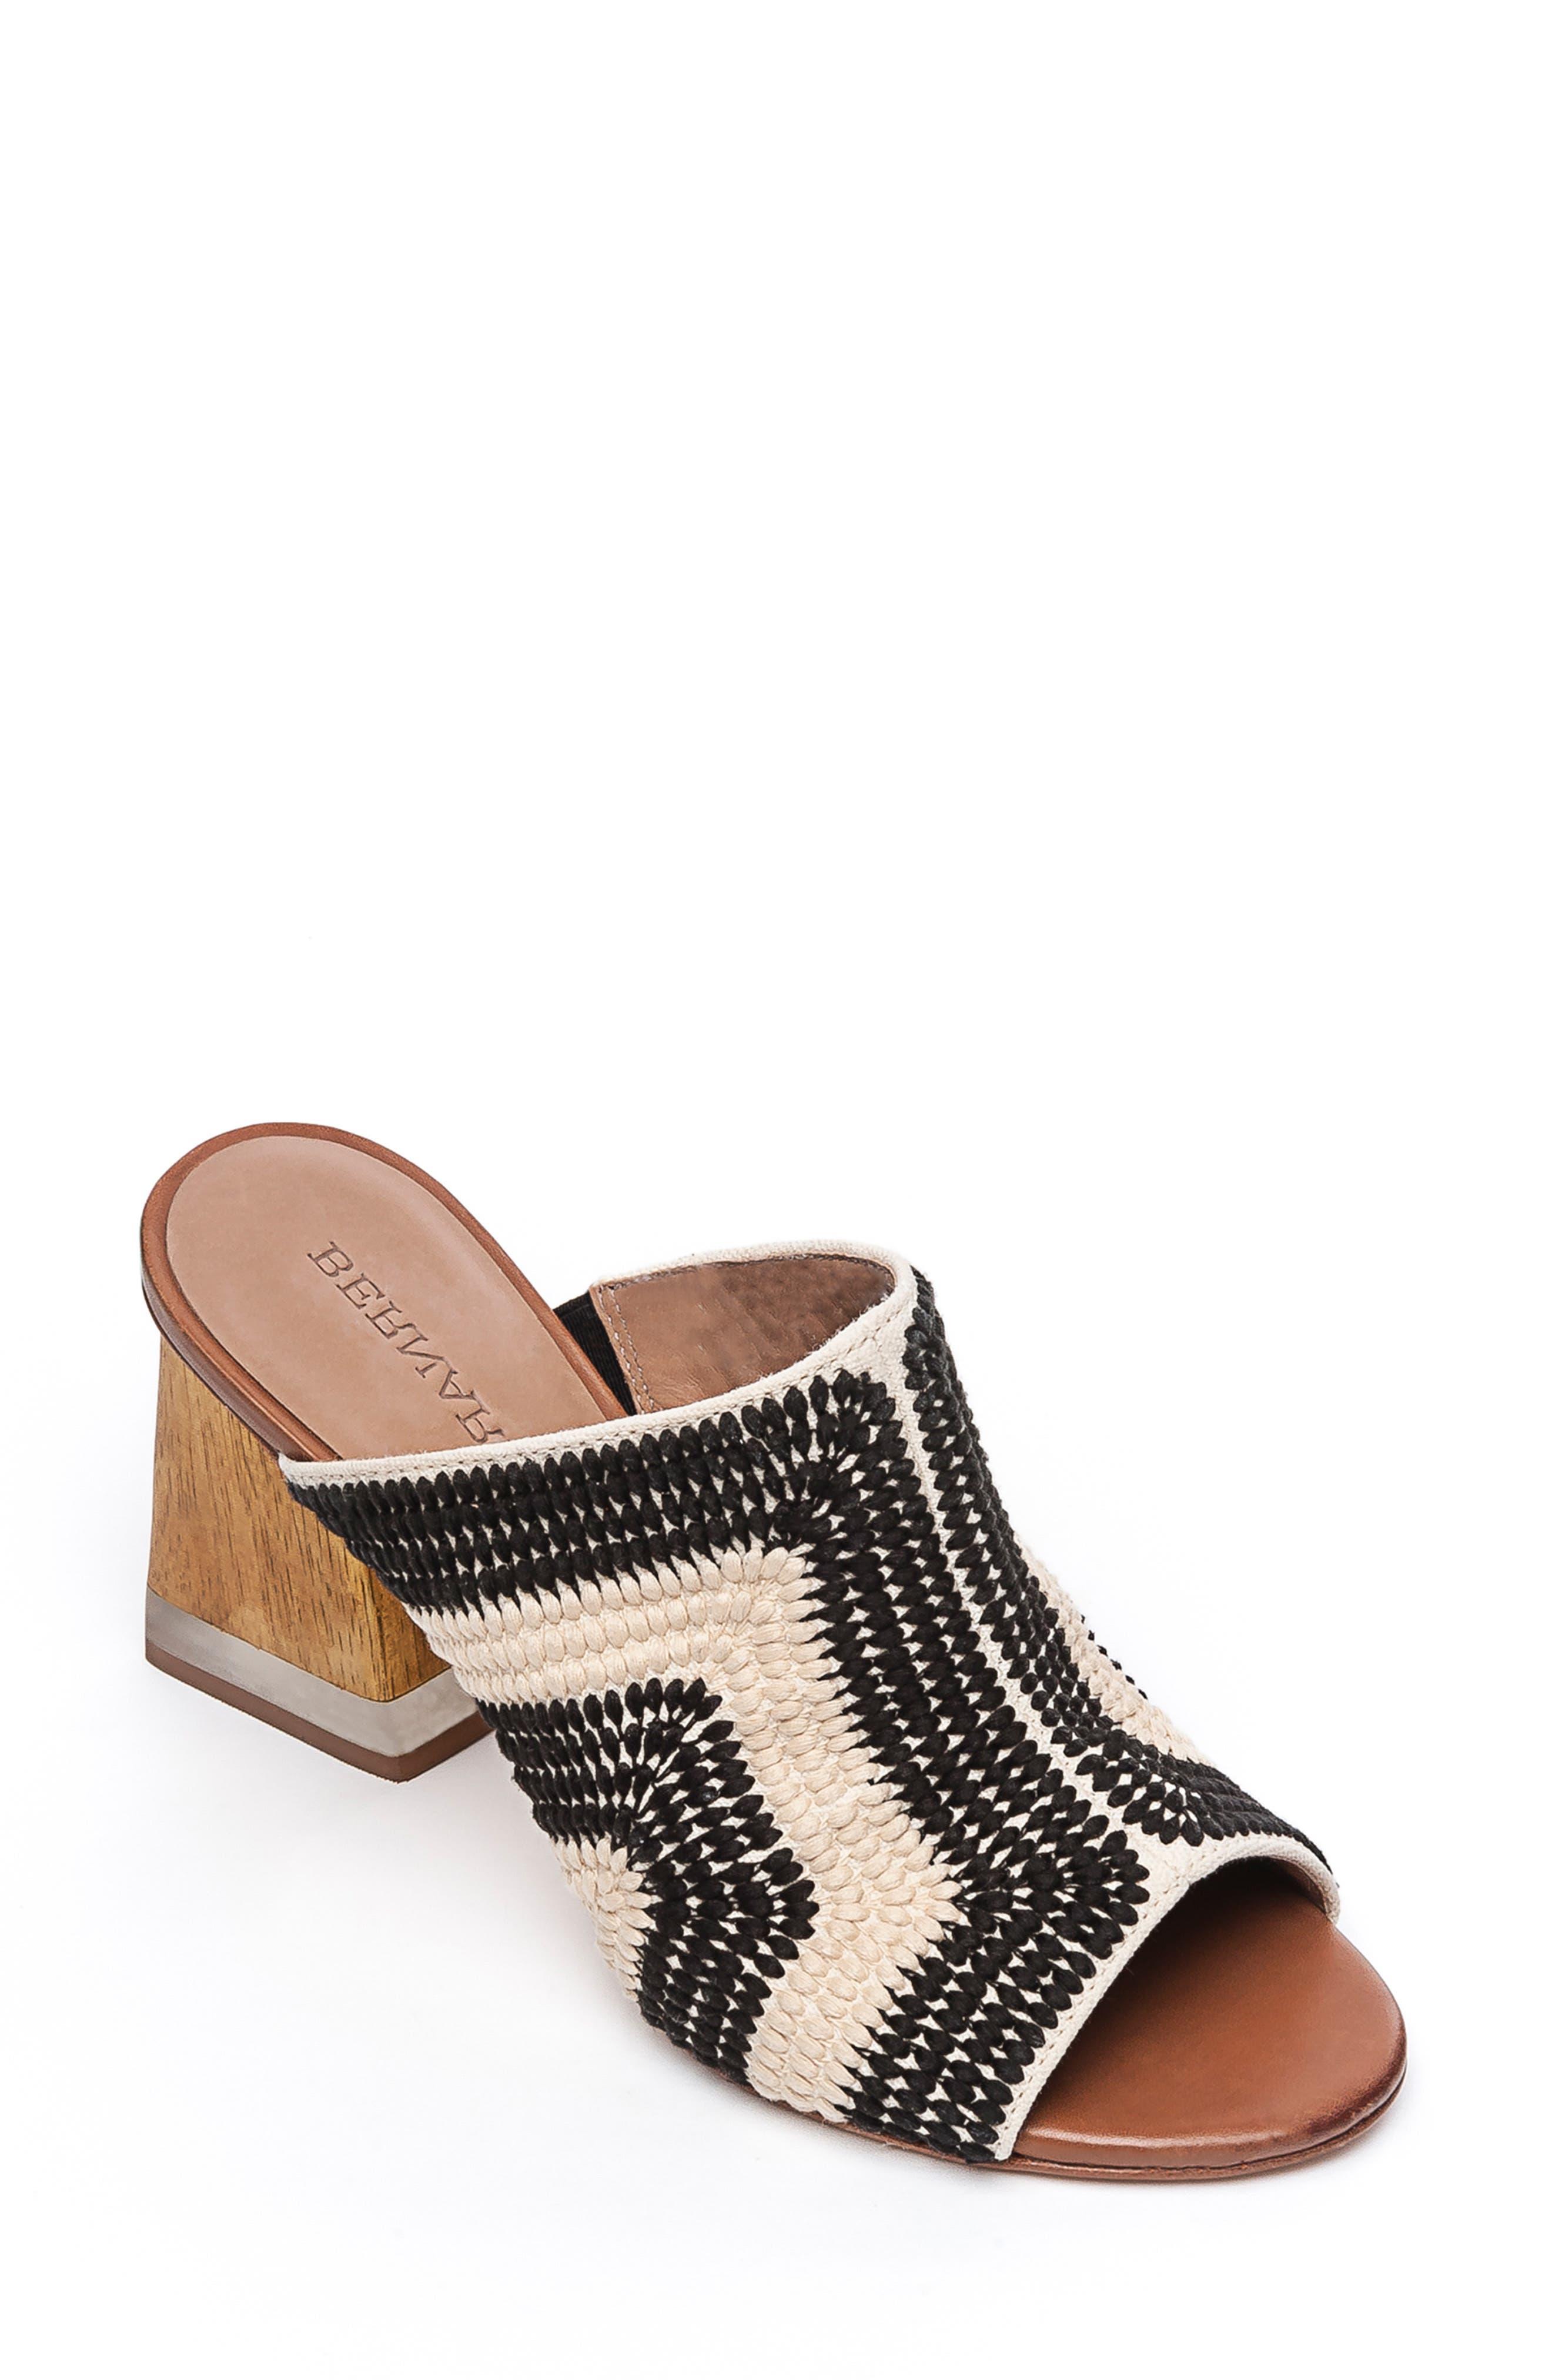 BERNARDO Noelle Slide Sandal, Main, color, BLACK/ CREAM CROCHET FABRIC